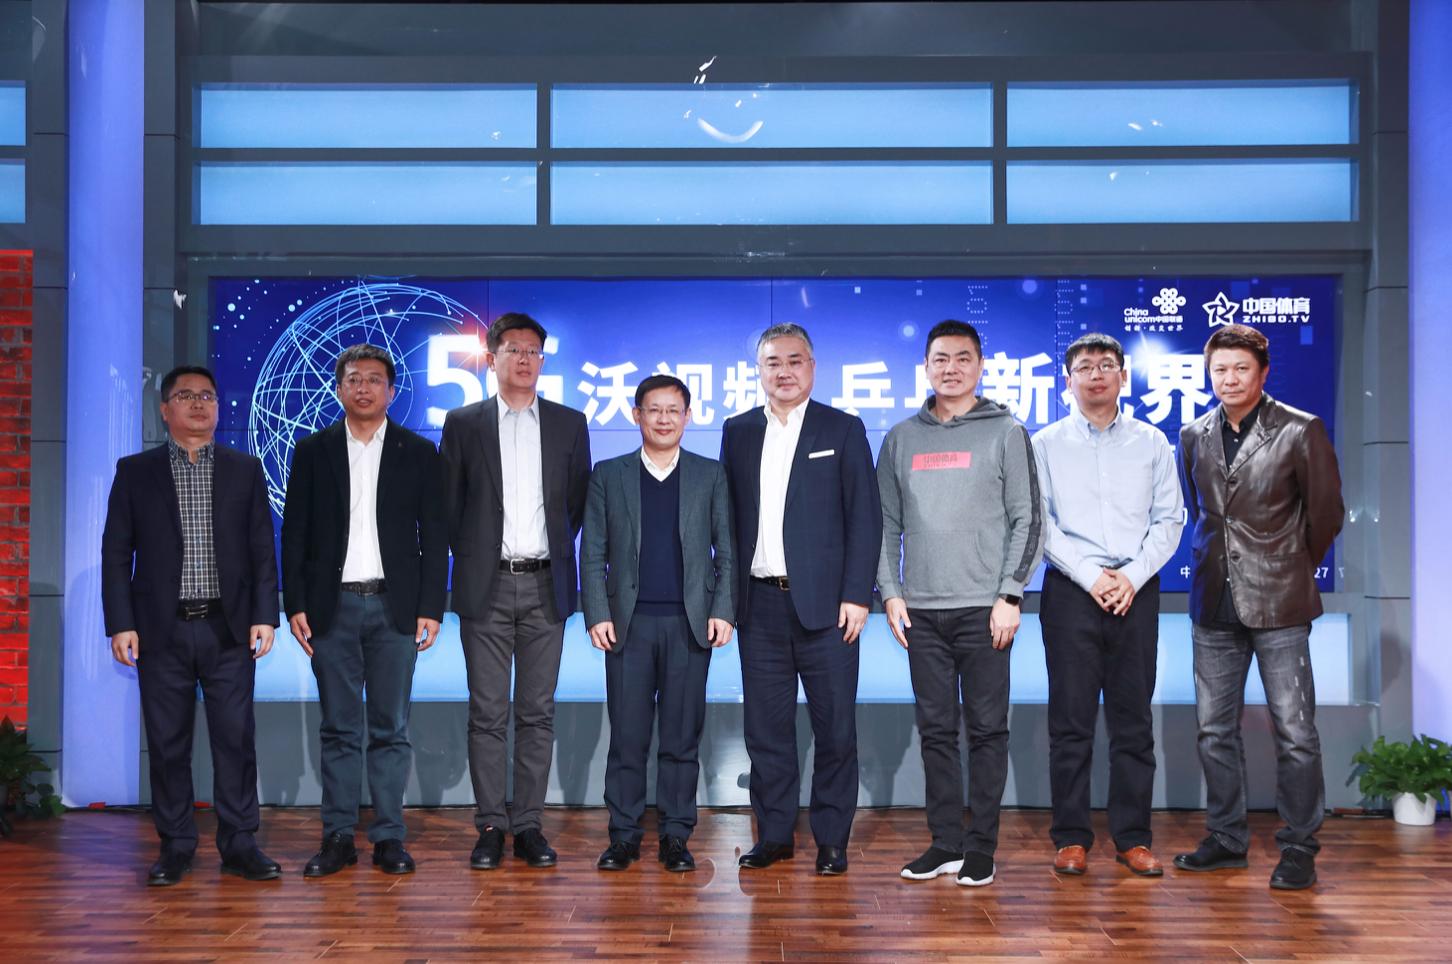 早餐11.28| 中国联通与《中国体育》达成战略合作 奥运资格赛中国男篮入死亡之组